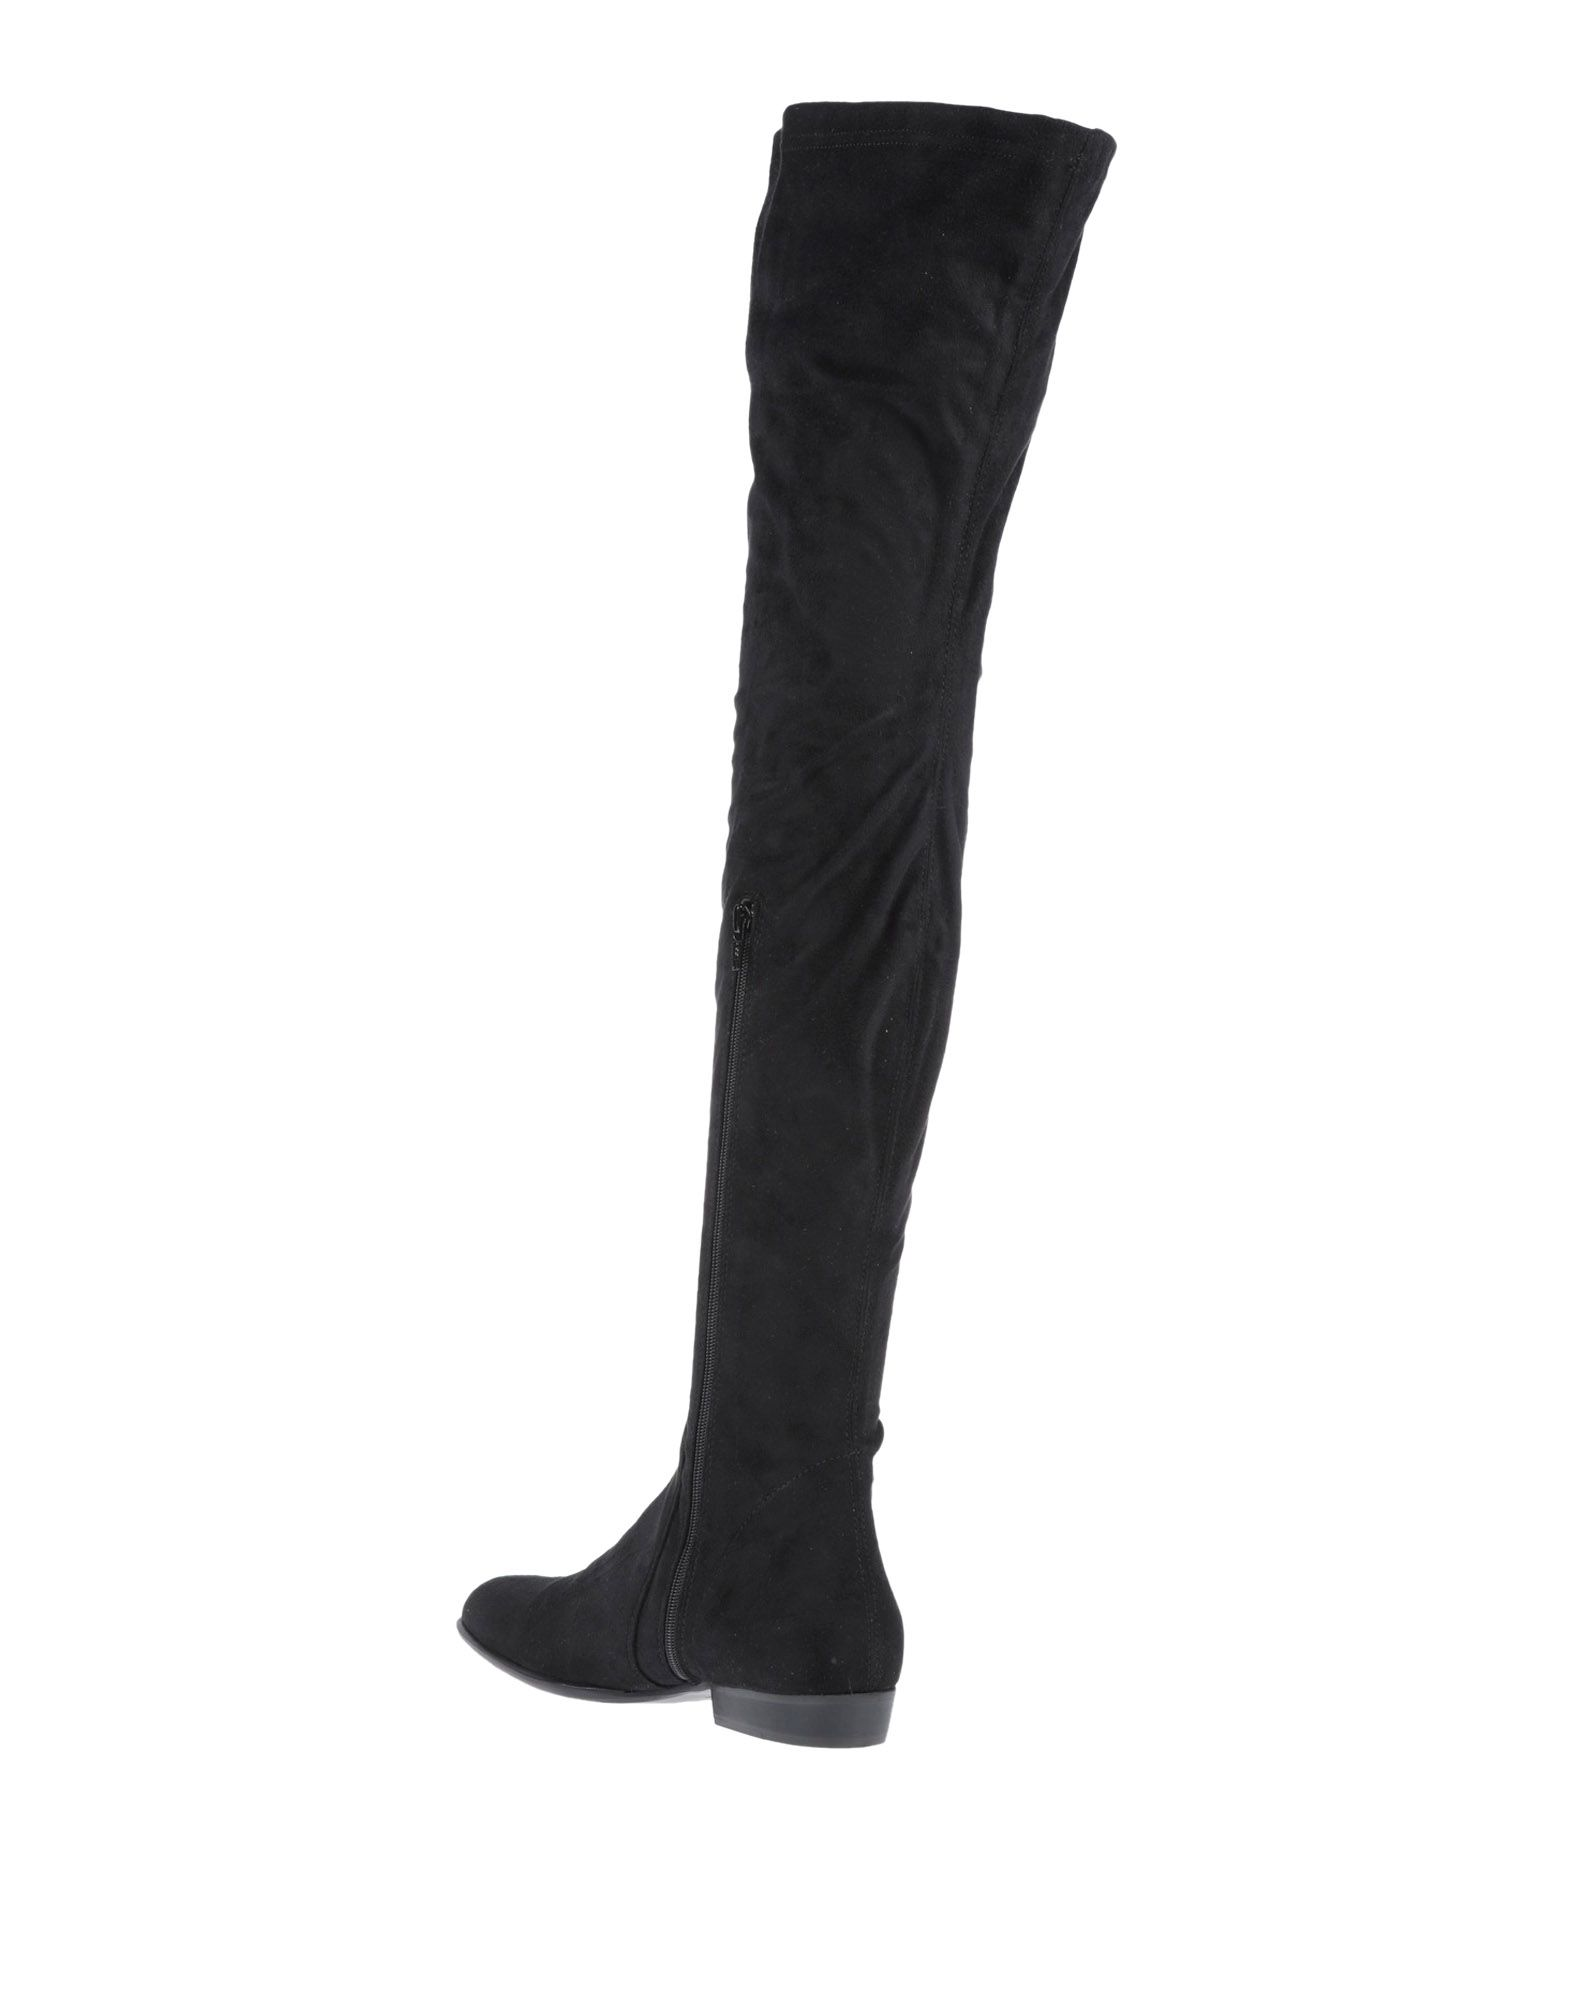 Maria Cristina Stiefel Damen Schuhe  11529361MKGut aussehende strapazierfähige Schuhe Damen 26381c